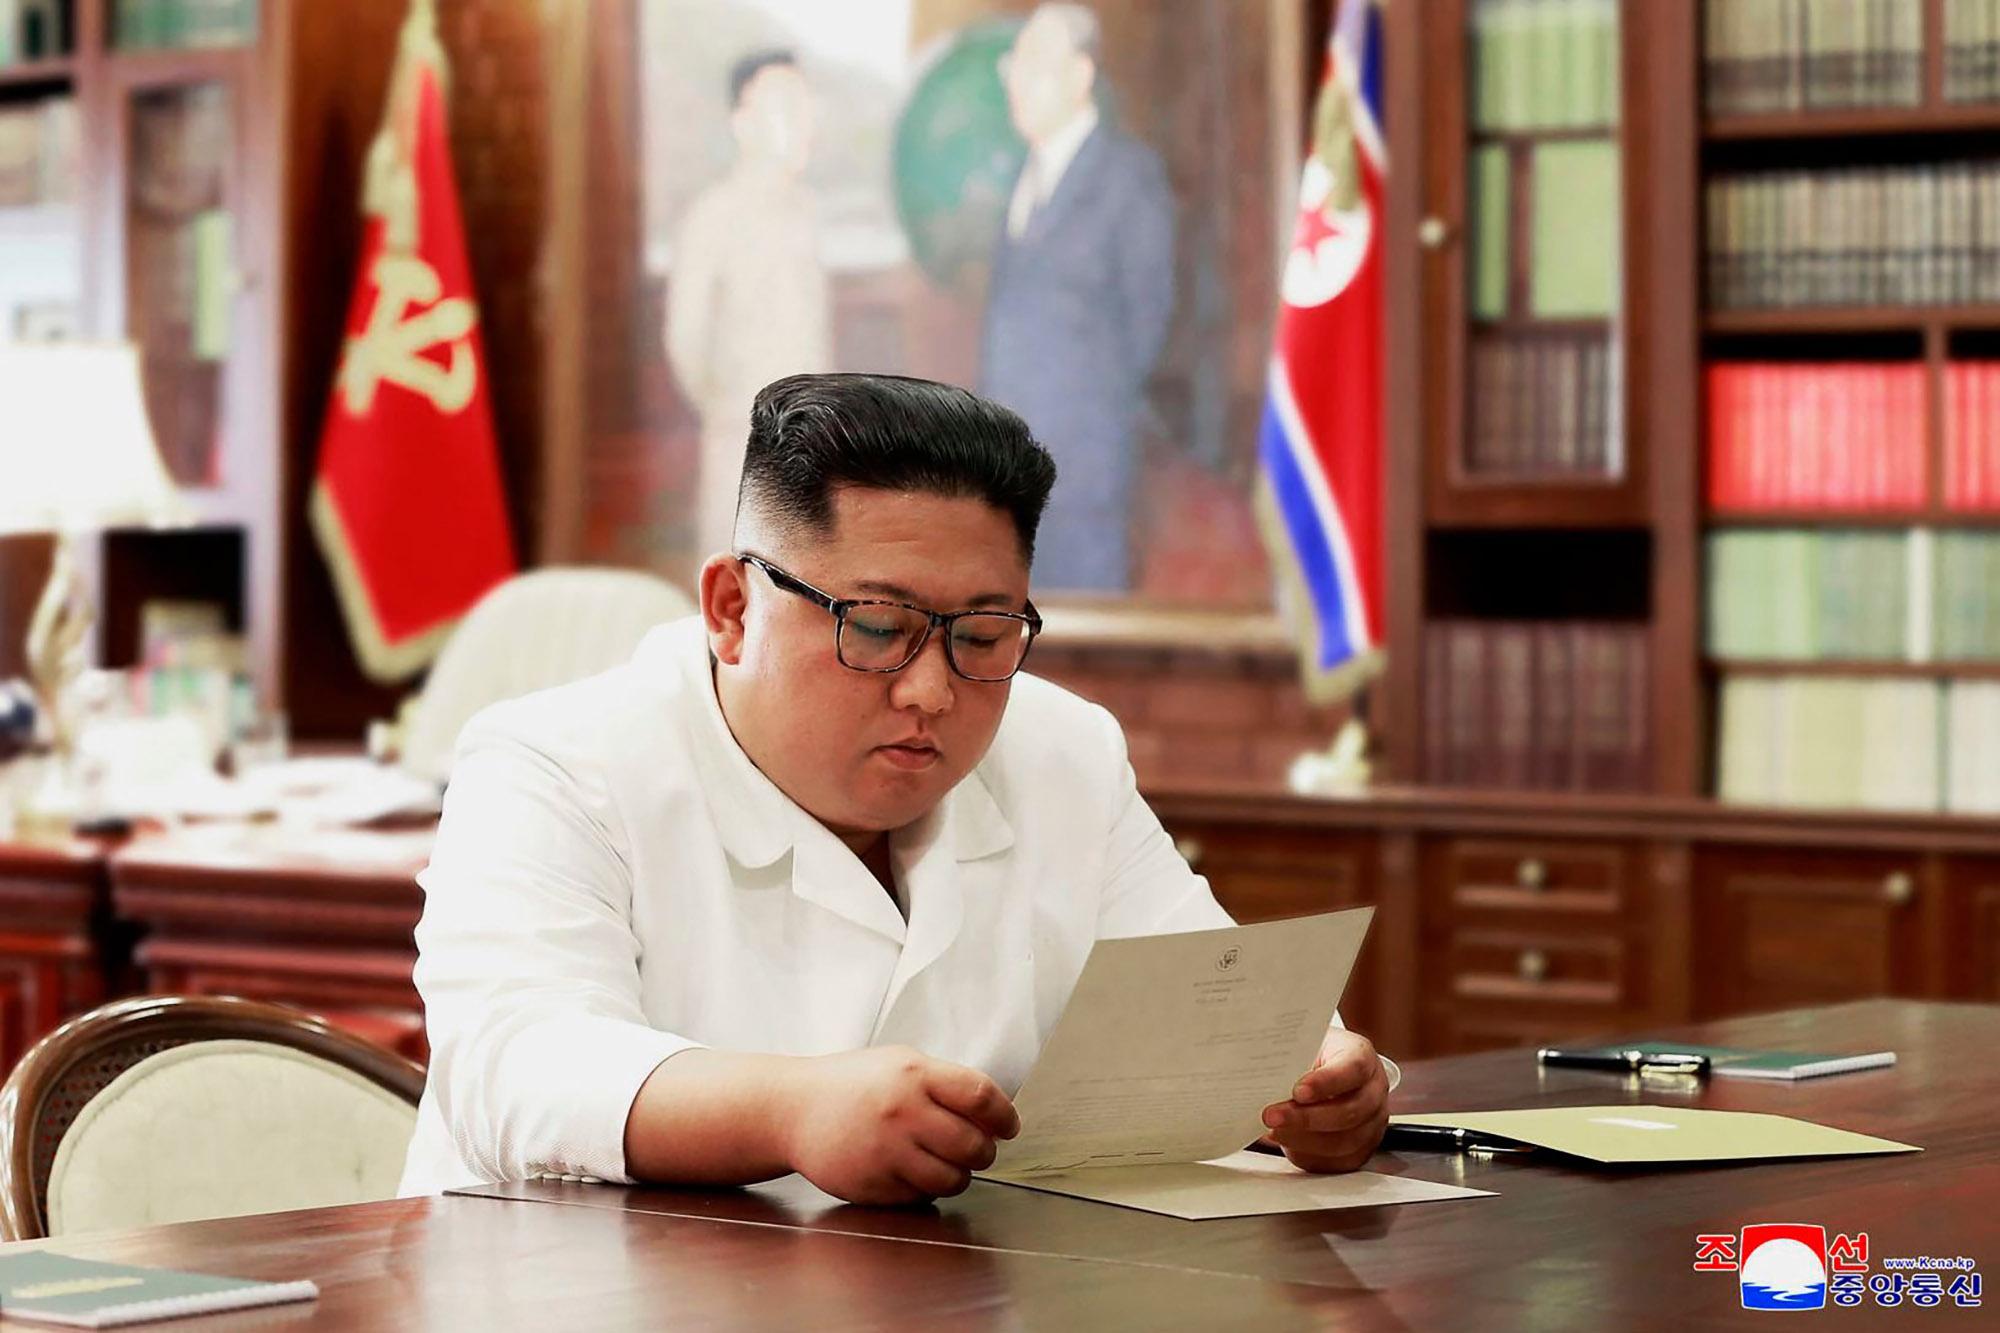 Trump and Kim Jong-un Are Pen Pals